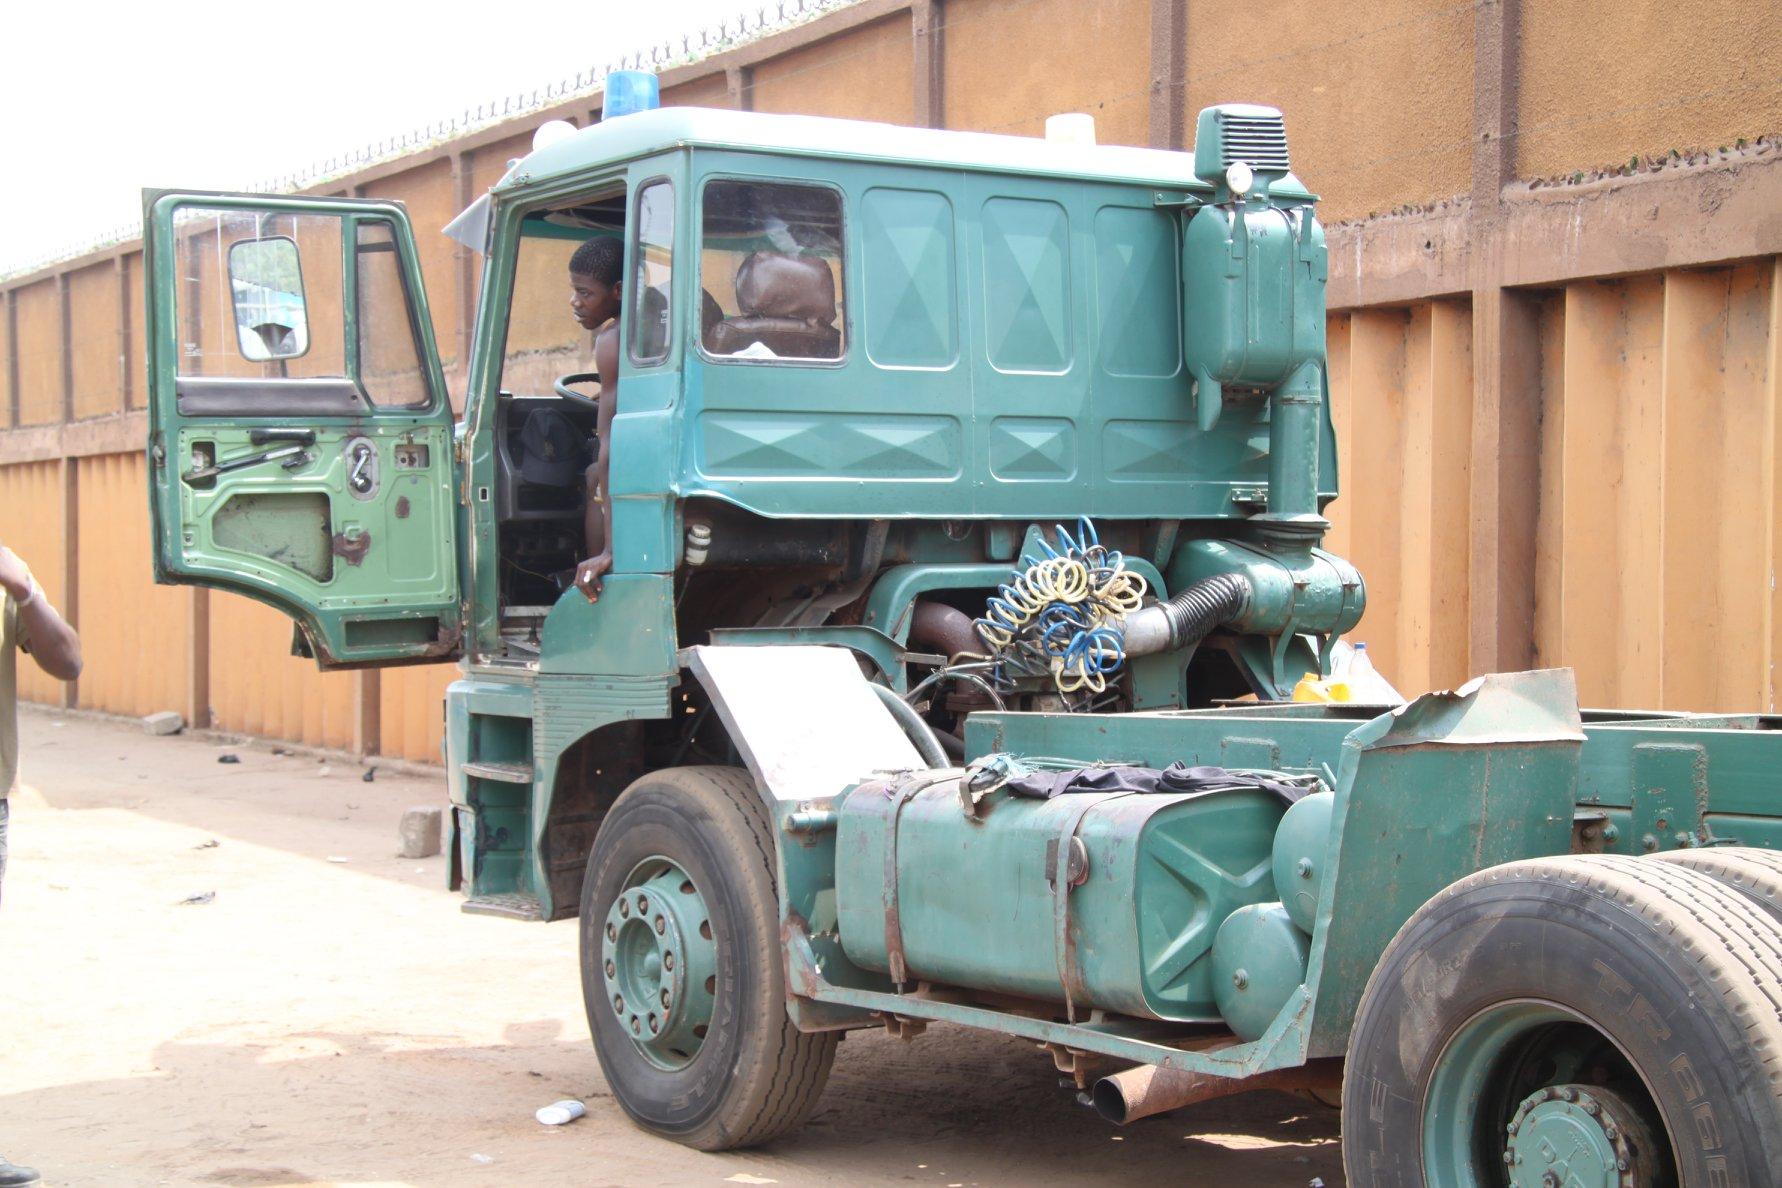 2010-Wachten-op-een-retour-vracht-in-de-haven-van-Cotonou--Trekker-uit-Lagos-Nigeria-chauffeur-stond-er-al-een-weekje-of-wat-2